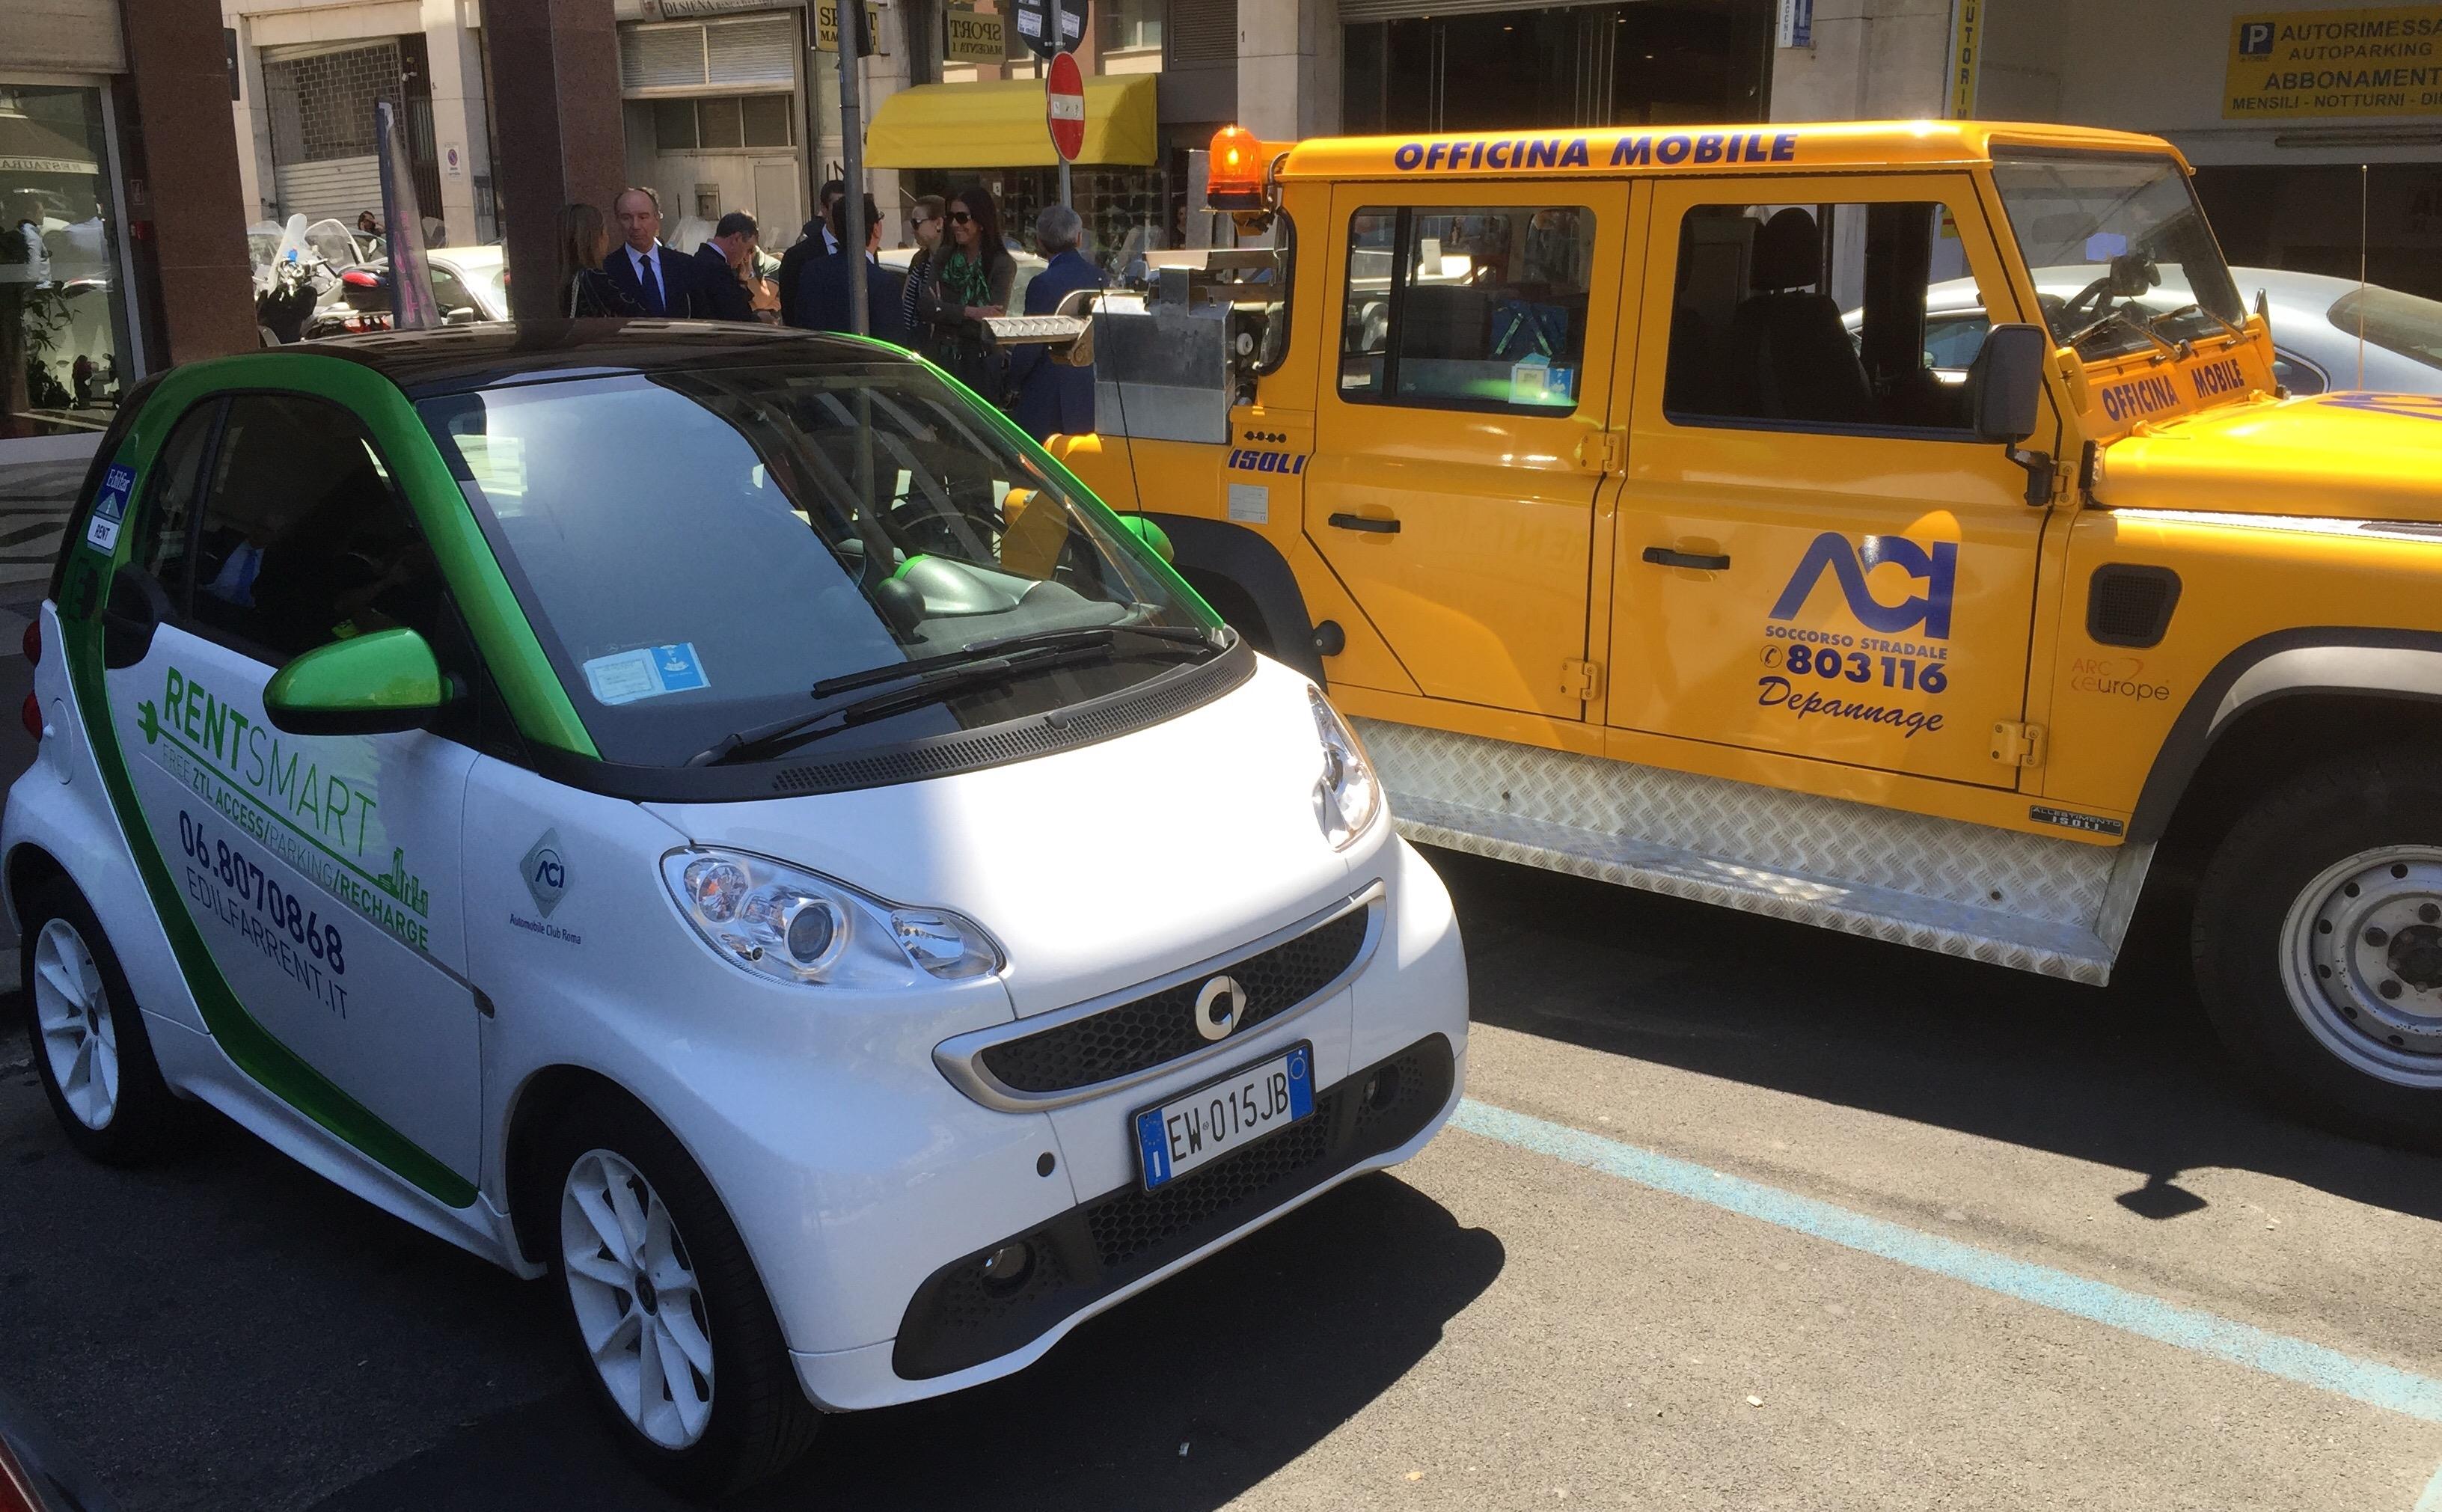 ACI e smart per la mobilità elettrica